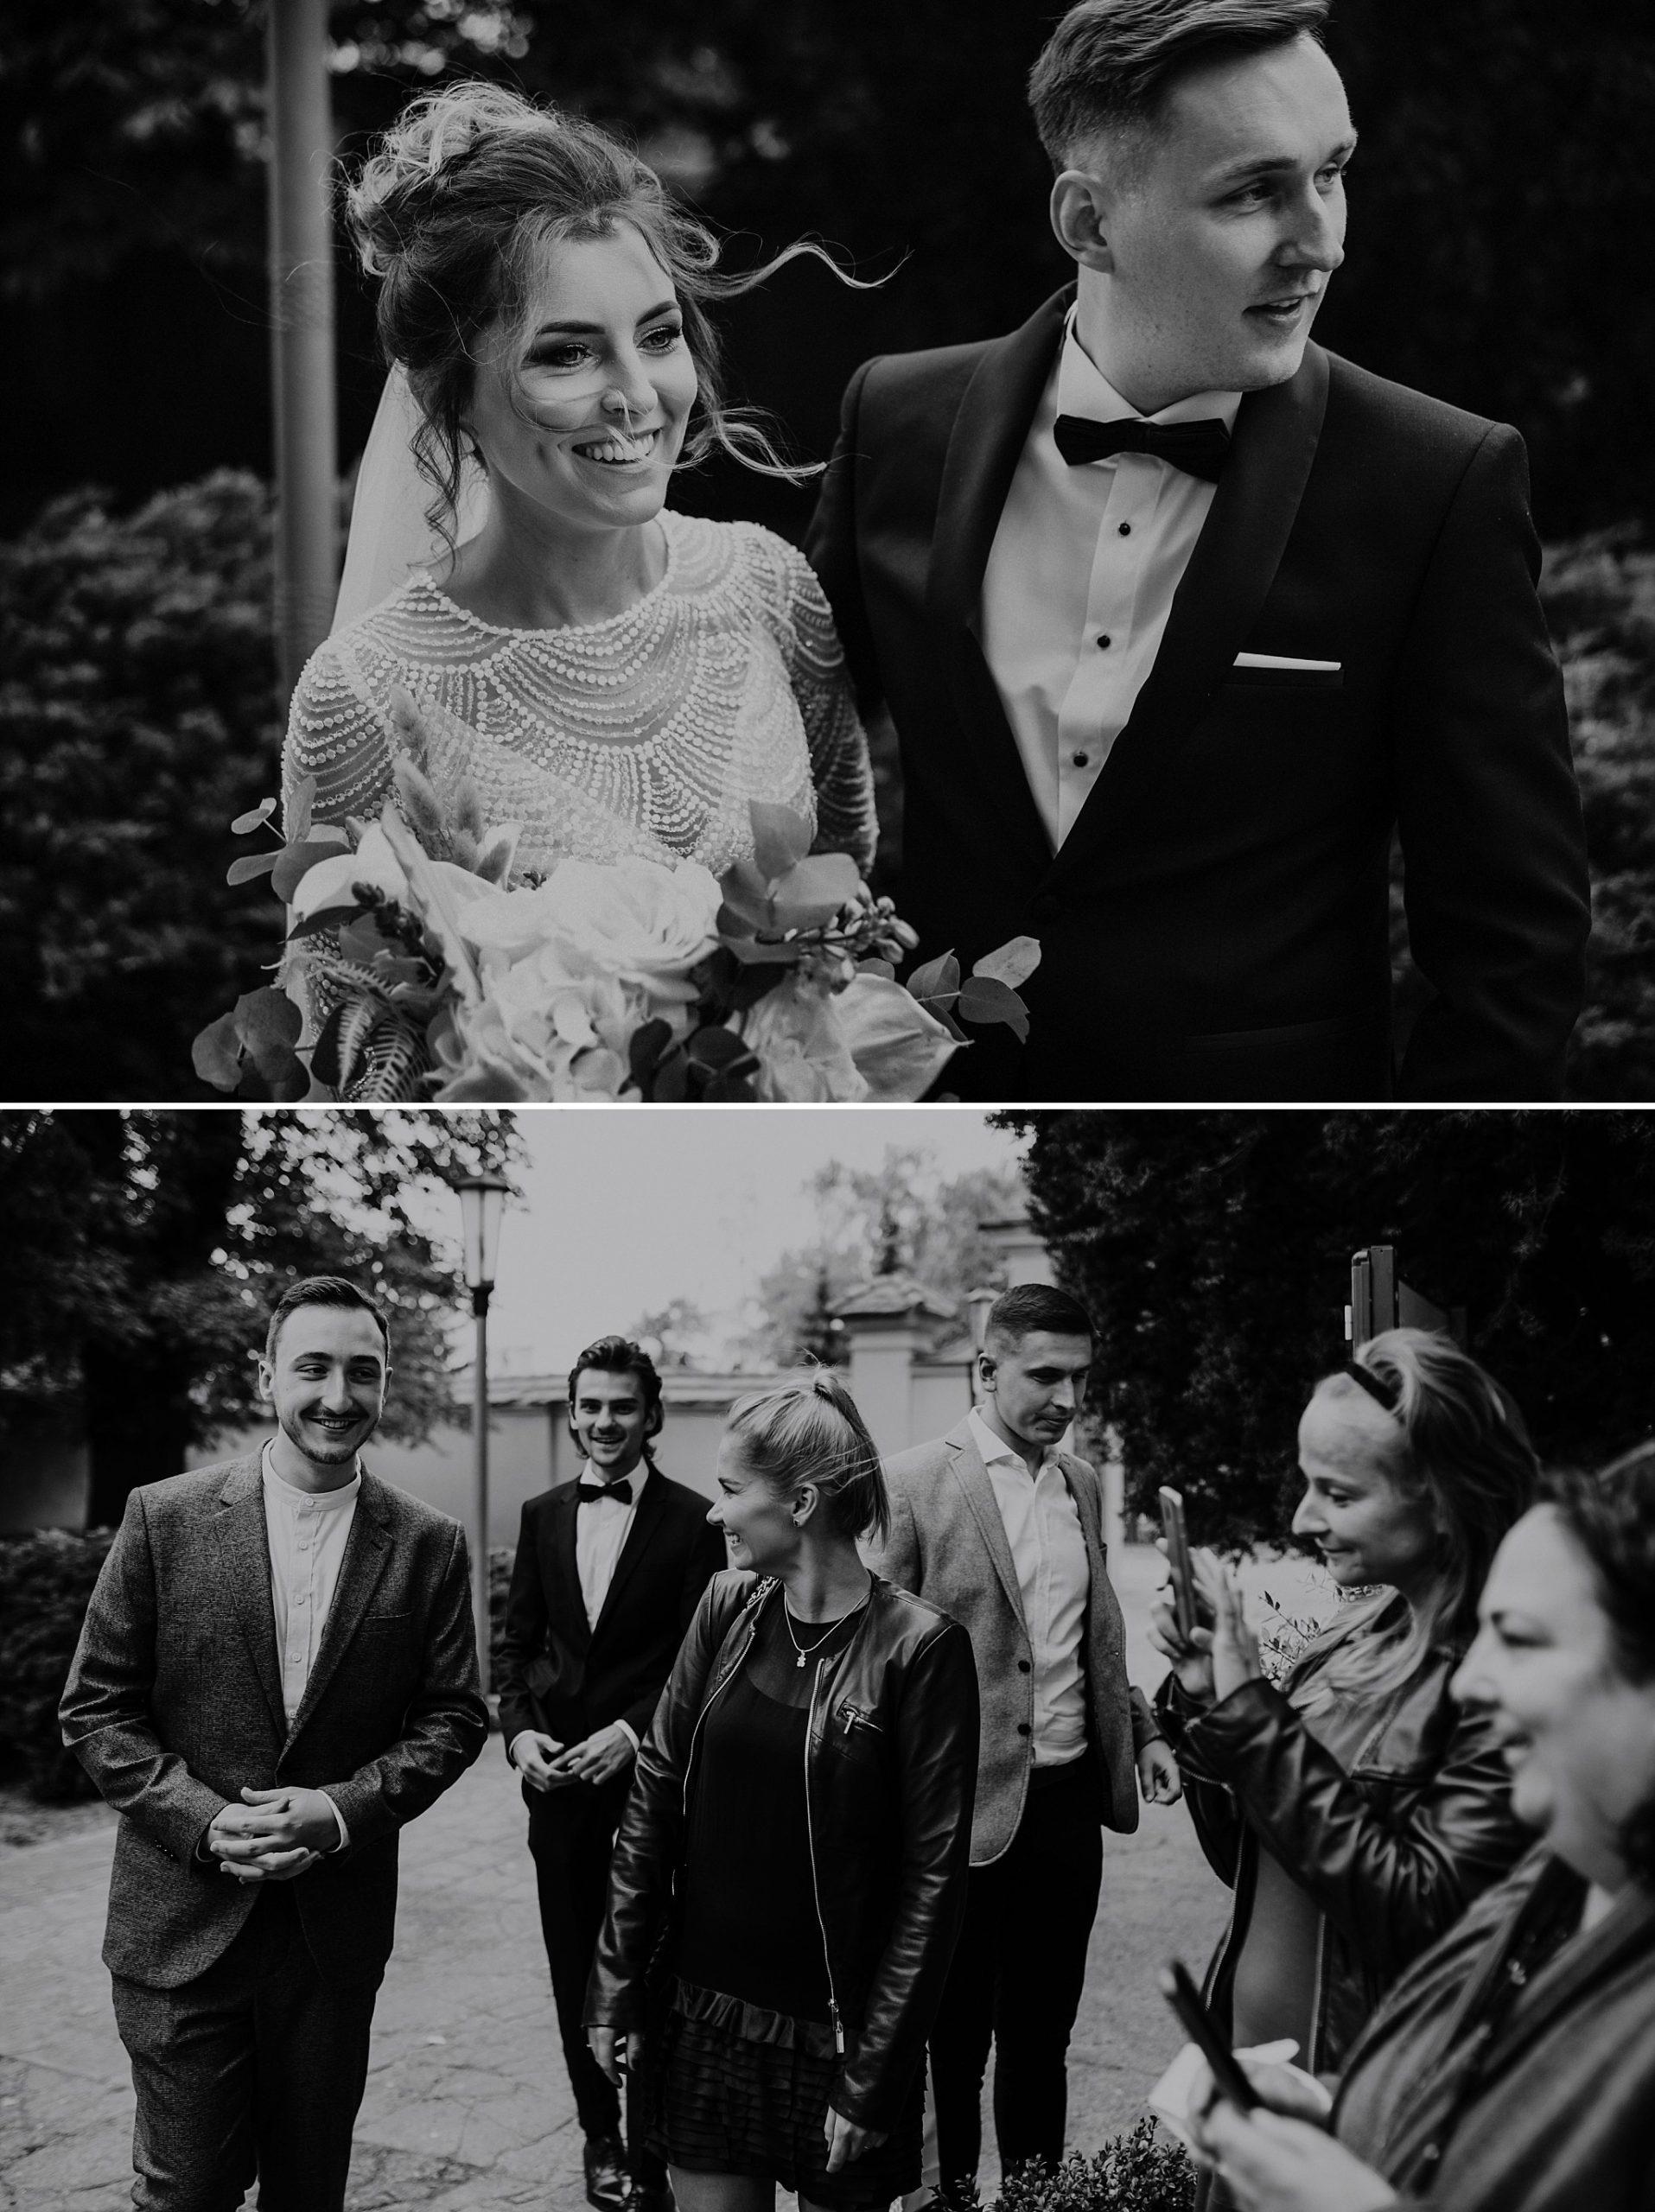 fotograf poznan wesele dobra truskawka piekne wesele pod poznaniem wesele w dobrej truskawce piekna para mloda slub marzen slub koronawirus slub listopad wesele koronawirus 129 scaled